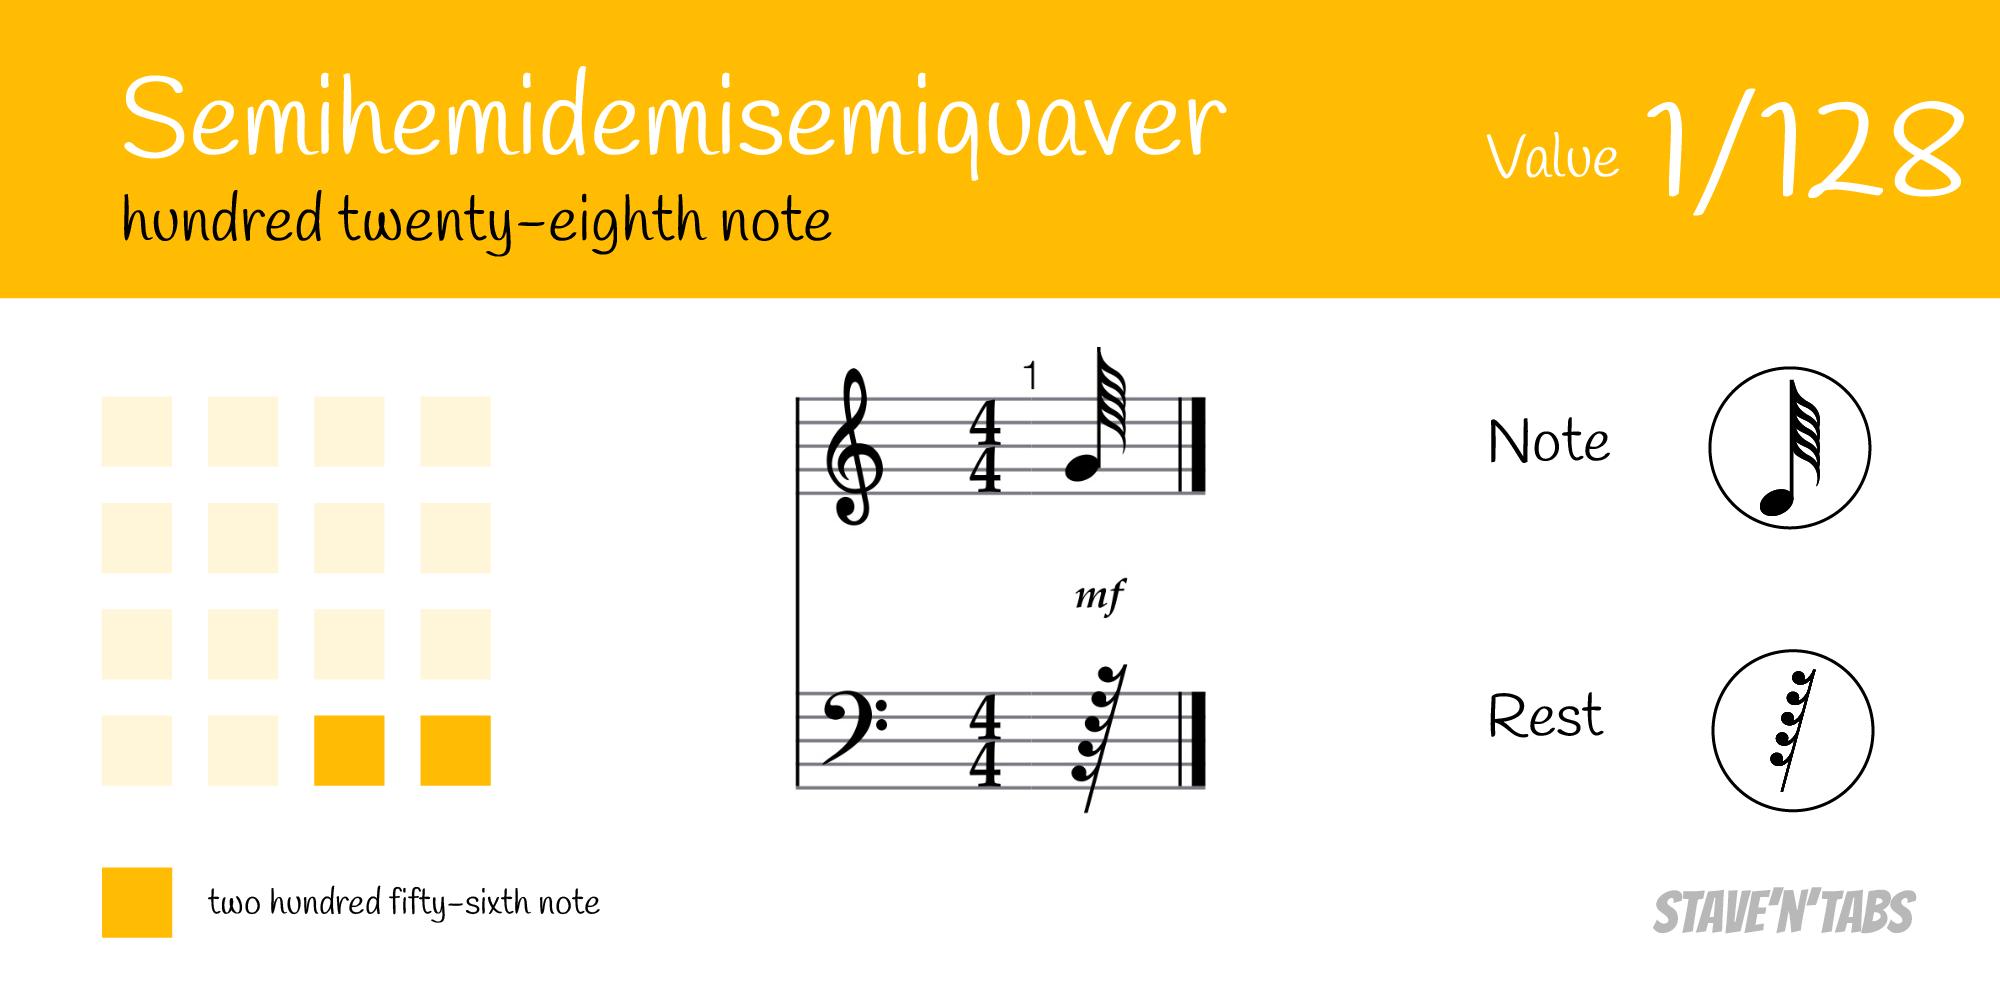 Semihemidemisemiquaver - Hundred twenty-eighth note (1/128)